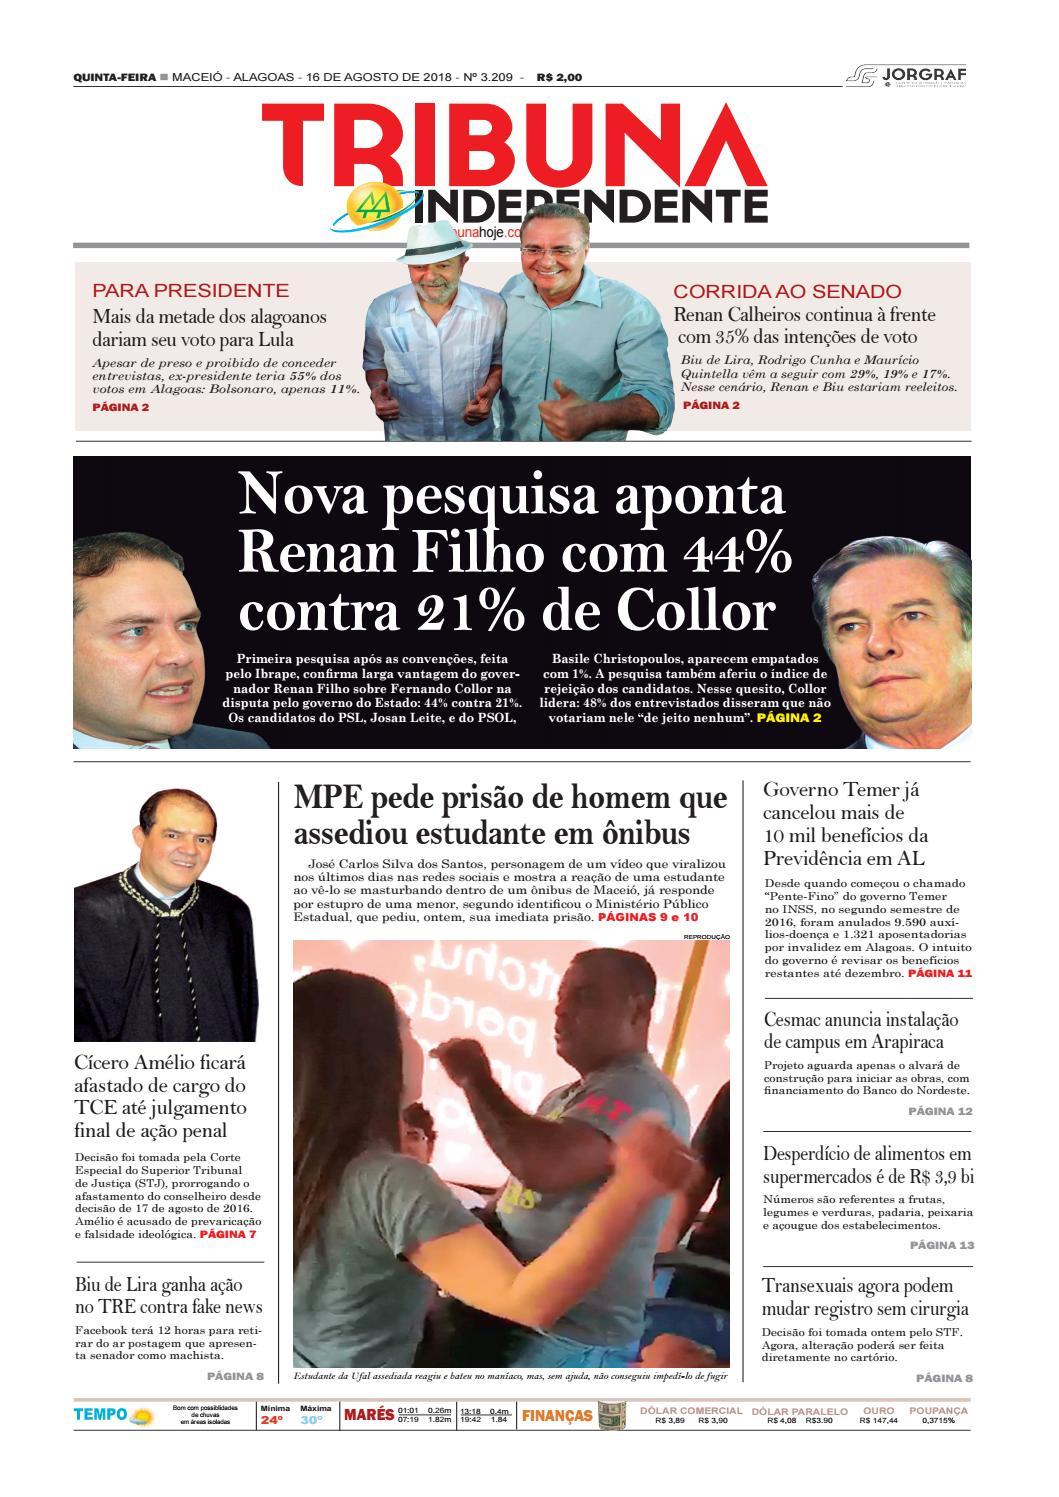 d56a0c854e0 Edição número 3209 - 16 de agosto de 2018 by Tribuna Hoje - issuu